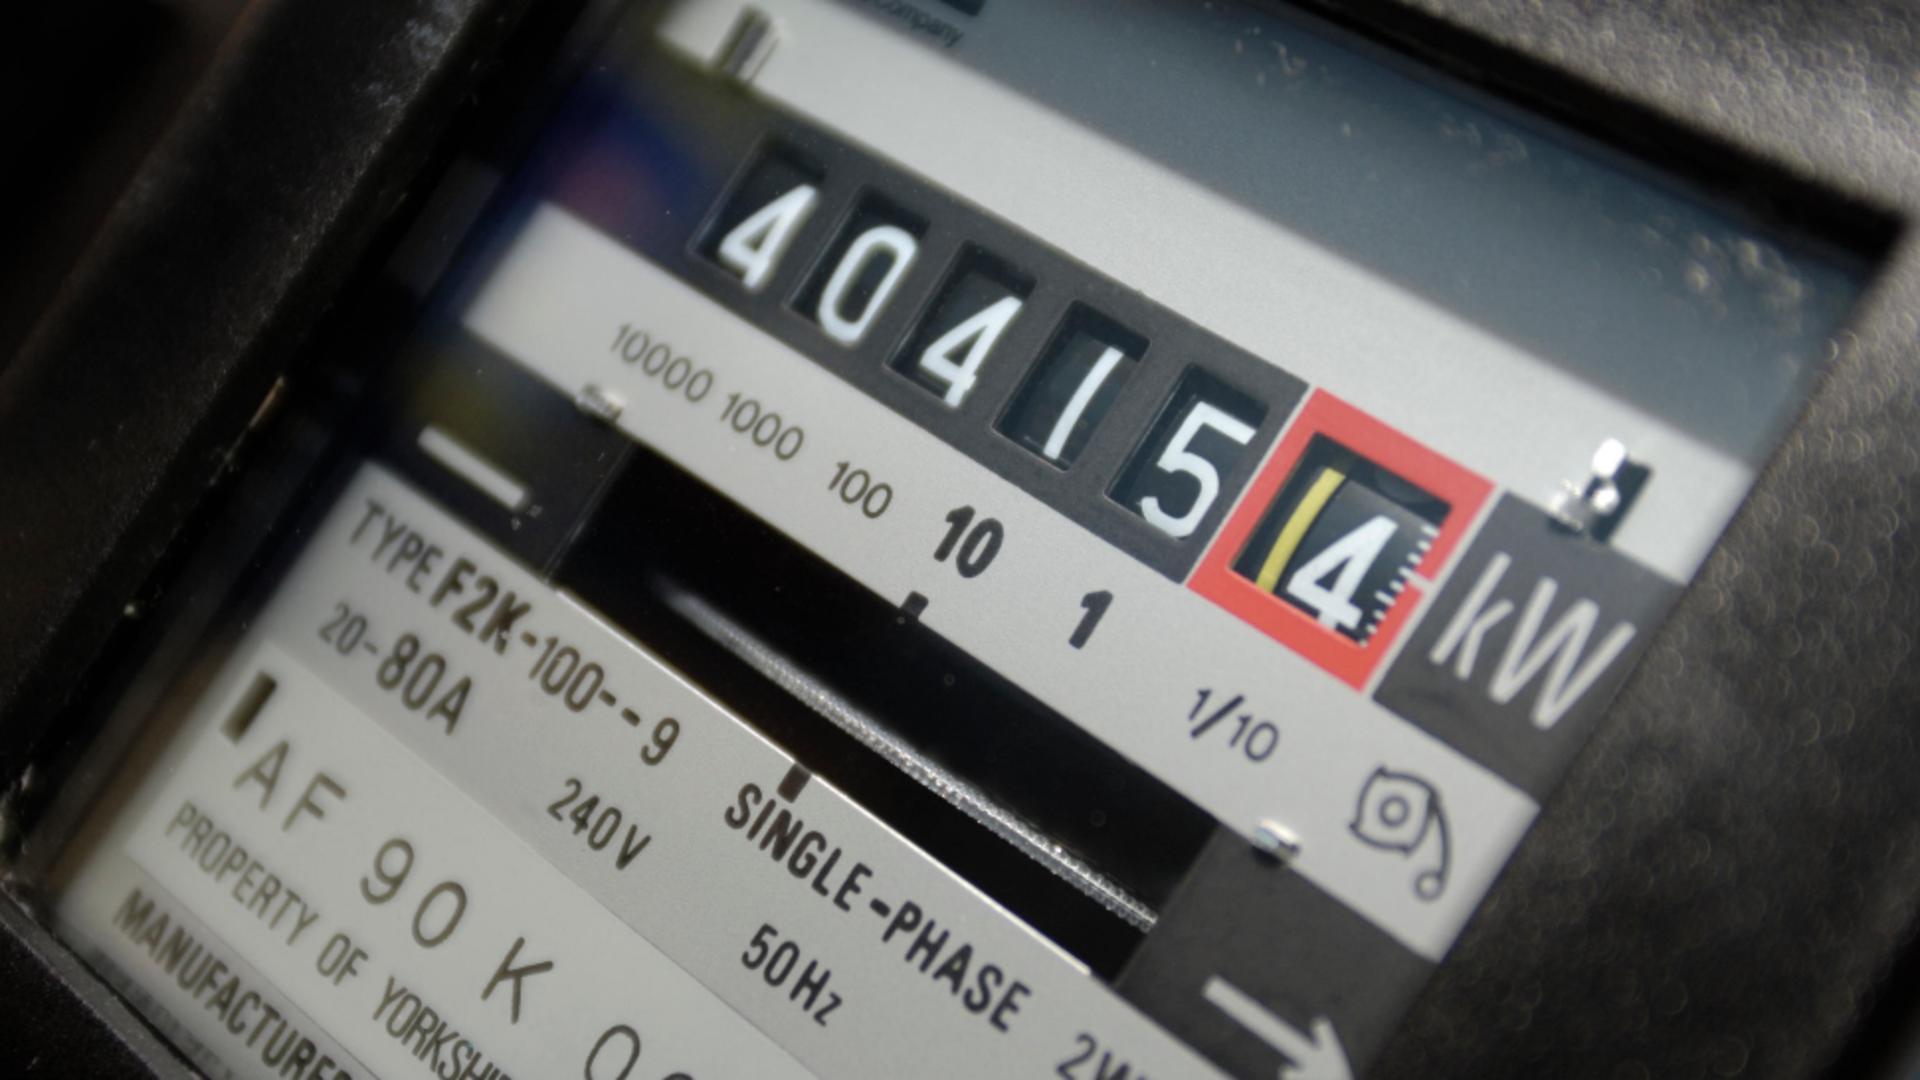 De ce informații am nevoie pentru a putea compara ofertele furnizorilor de energie. Foto/Profimedia